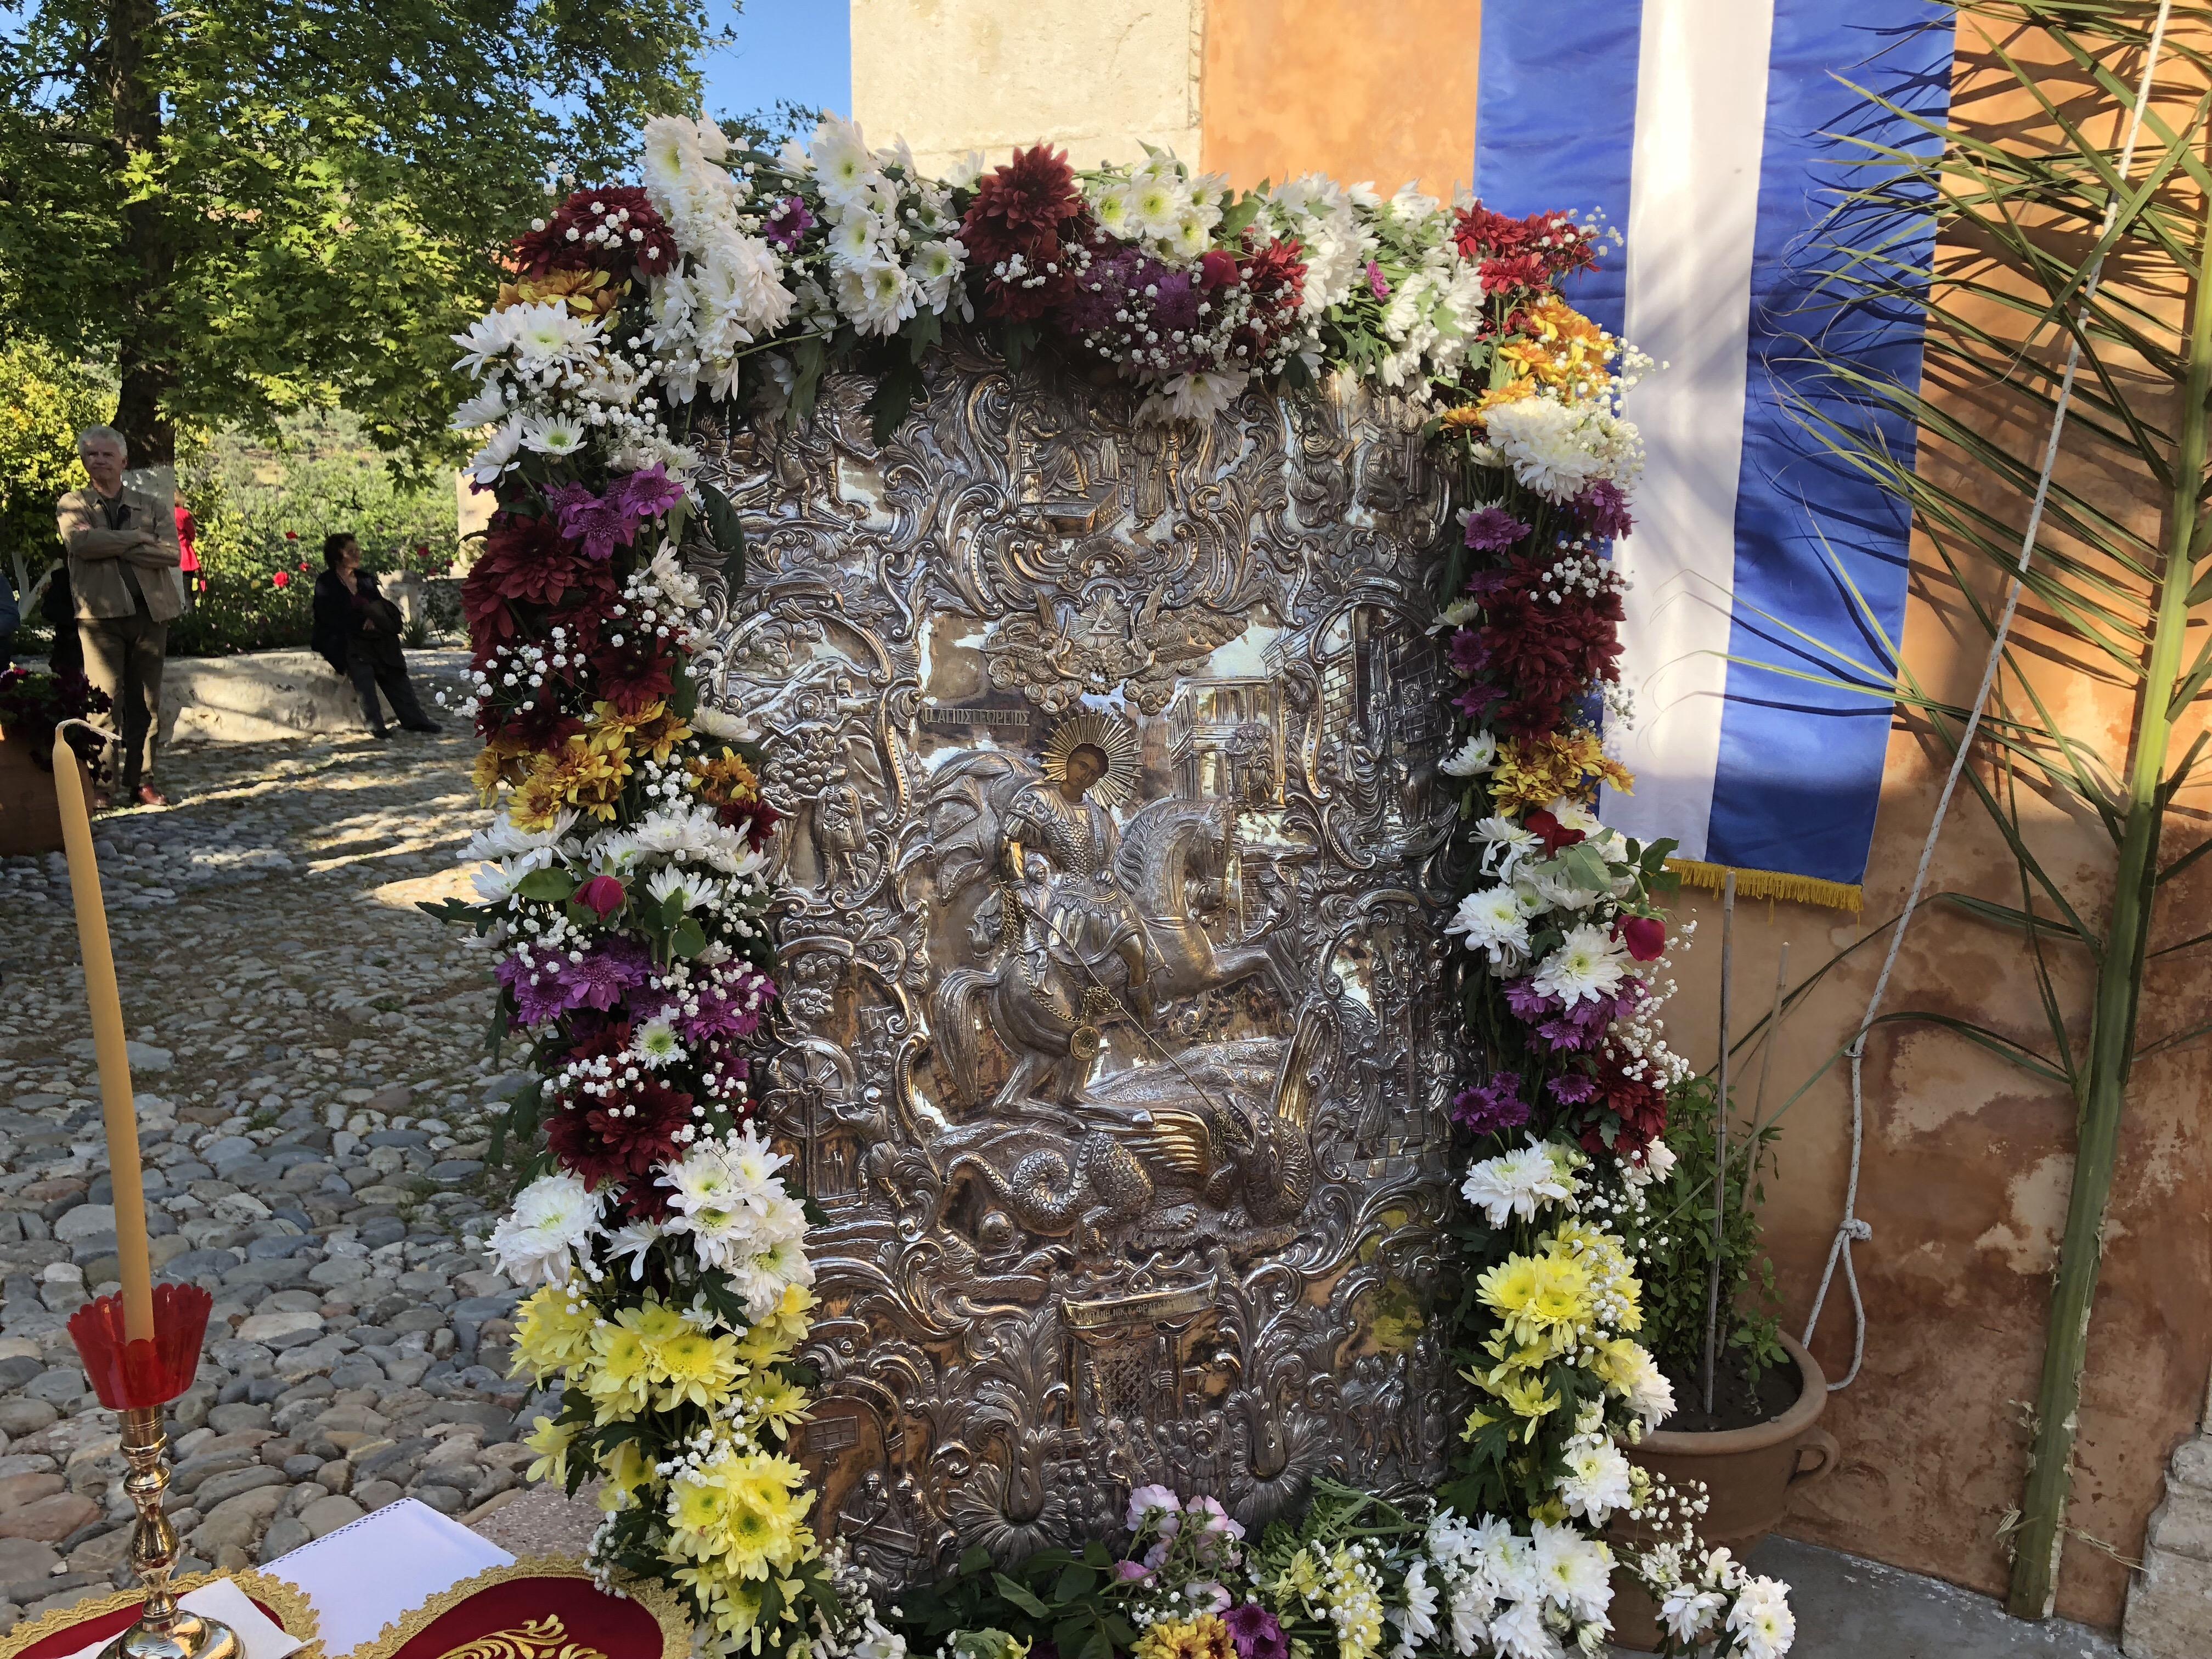 Ζωντανή σύνδεση με την Ιερά Μονή Αγίου Γεωργίου στο Καρύδι Αποκορώνου!